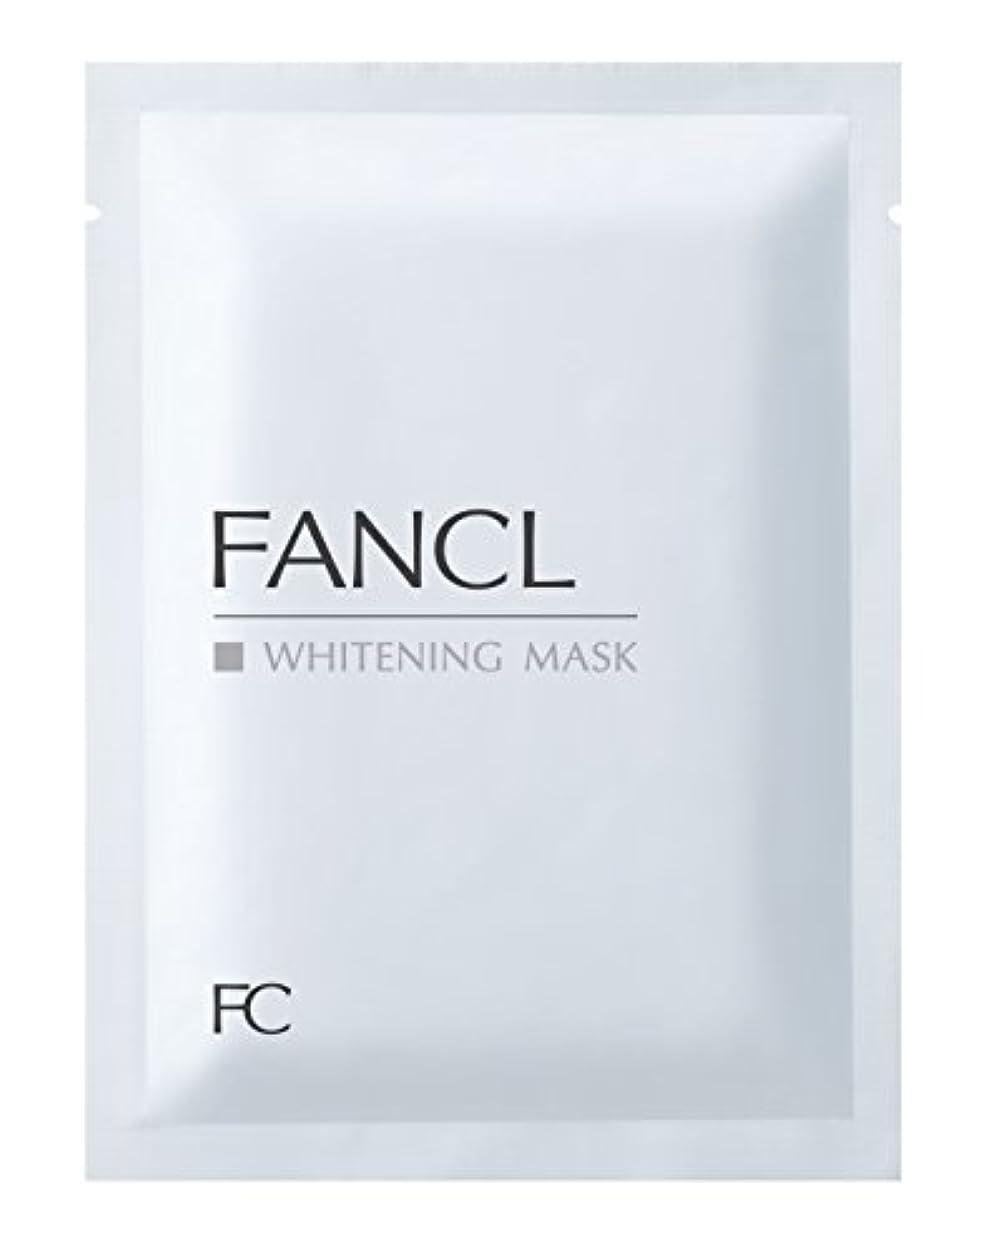 空白水平プランター(旧)ファンケル(FANCL) ホワイトニング マスク<医薬部外品> 21mL×6枚